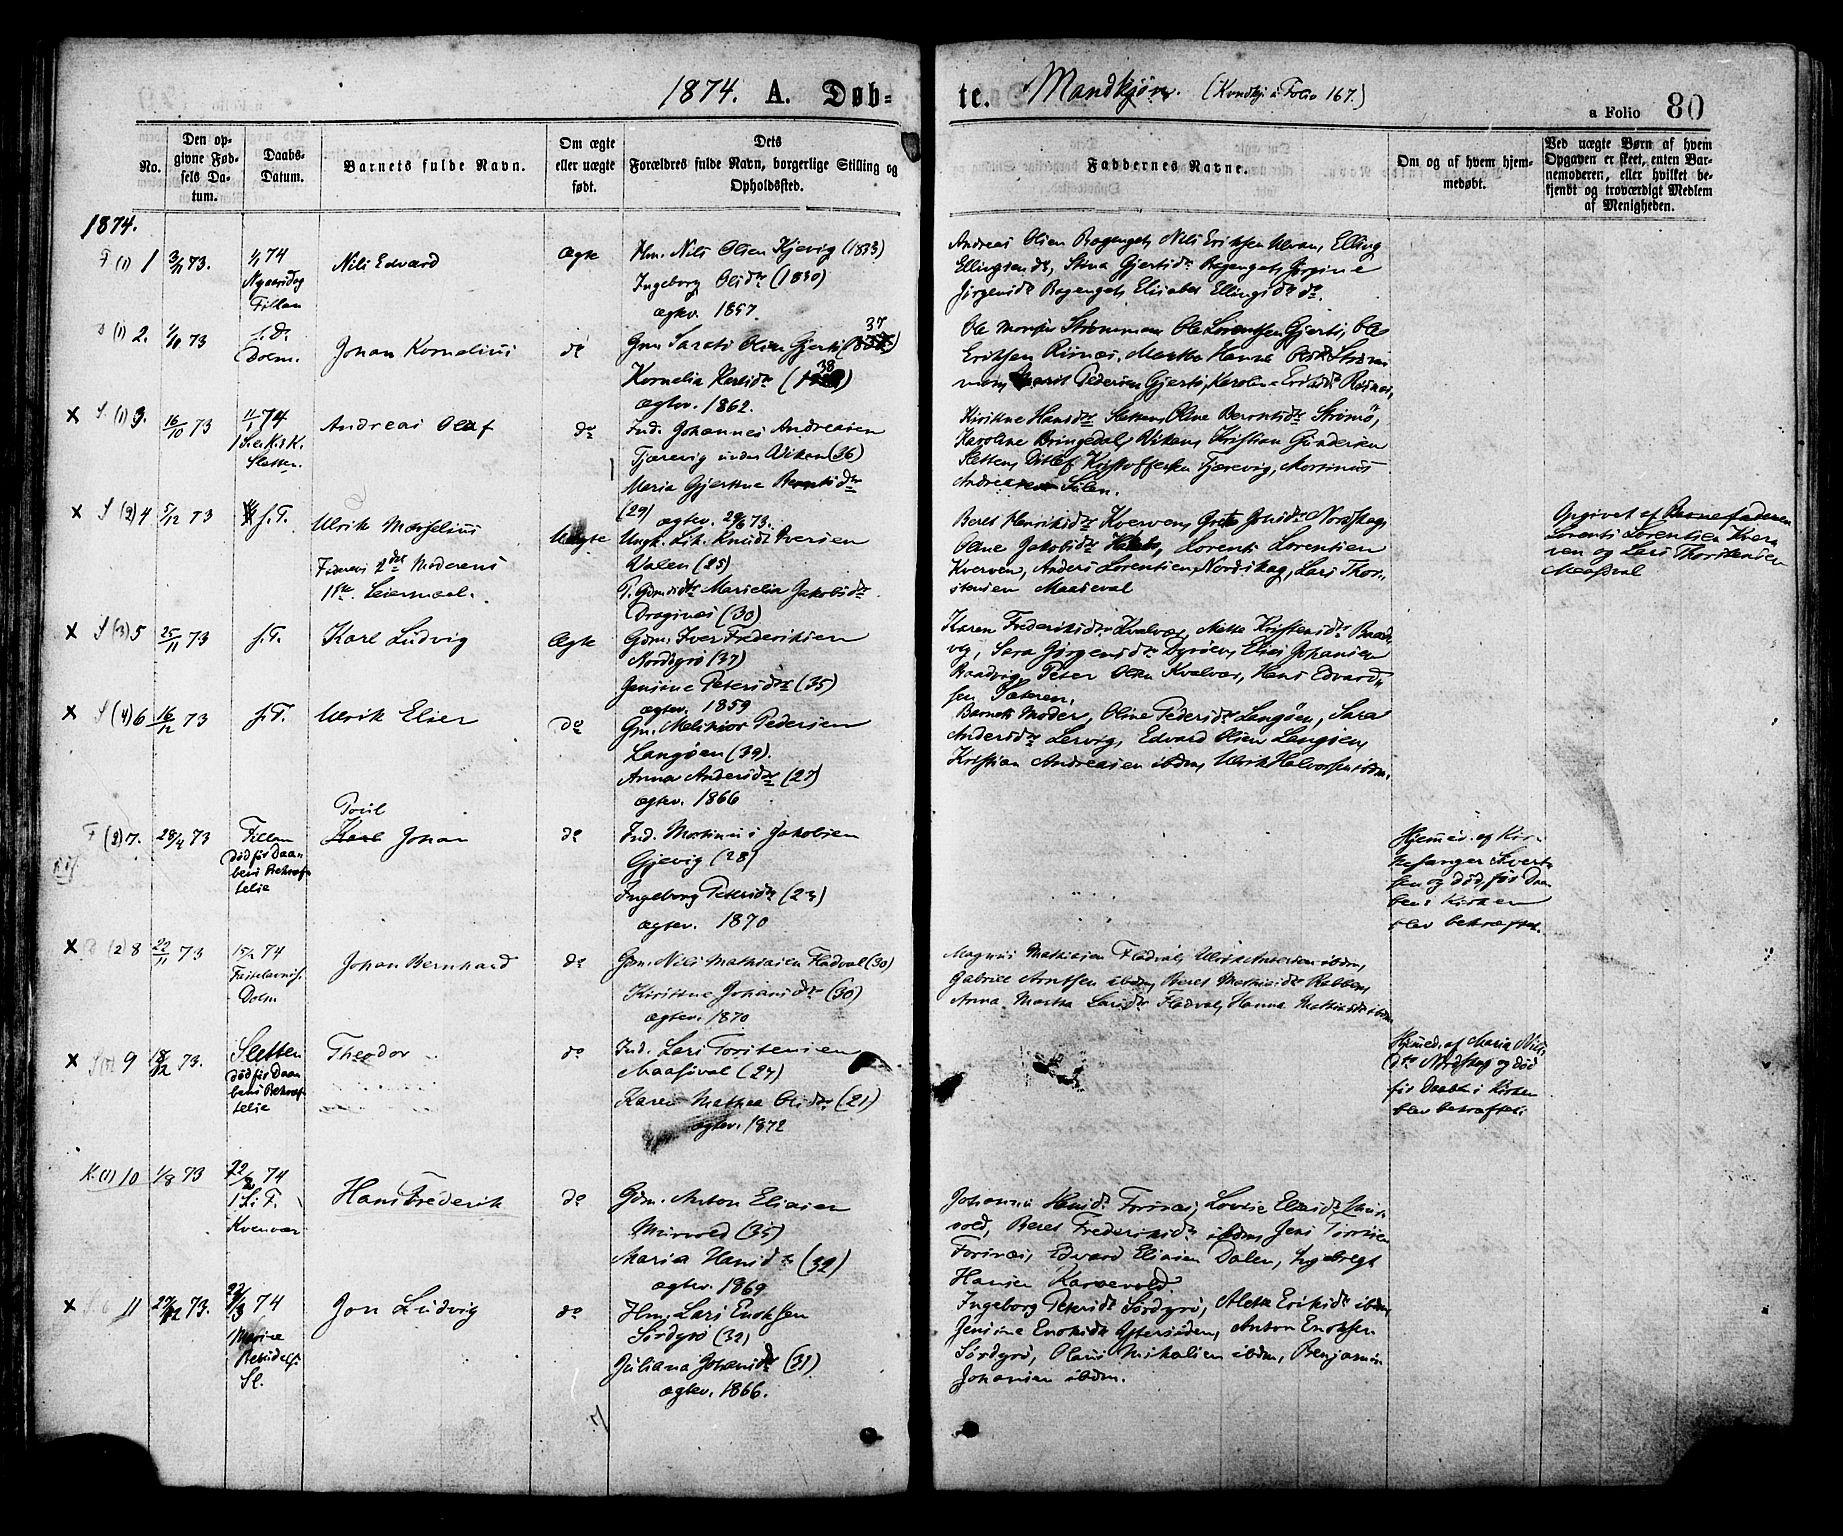 SAT, Ministerialprotokoller, klokkerbøker og fødselsregistre - Sør-Trøndelag, 634/L0532: Ministerialbok nr. 634A08, 1871-1881, s. 80